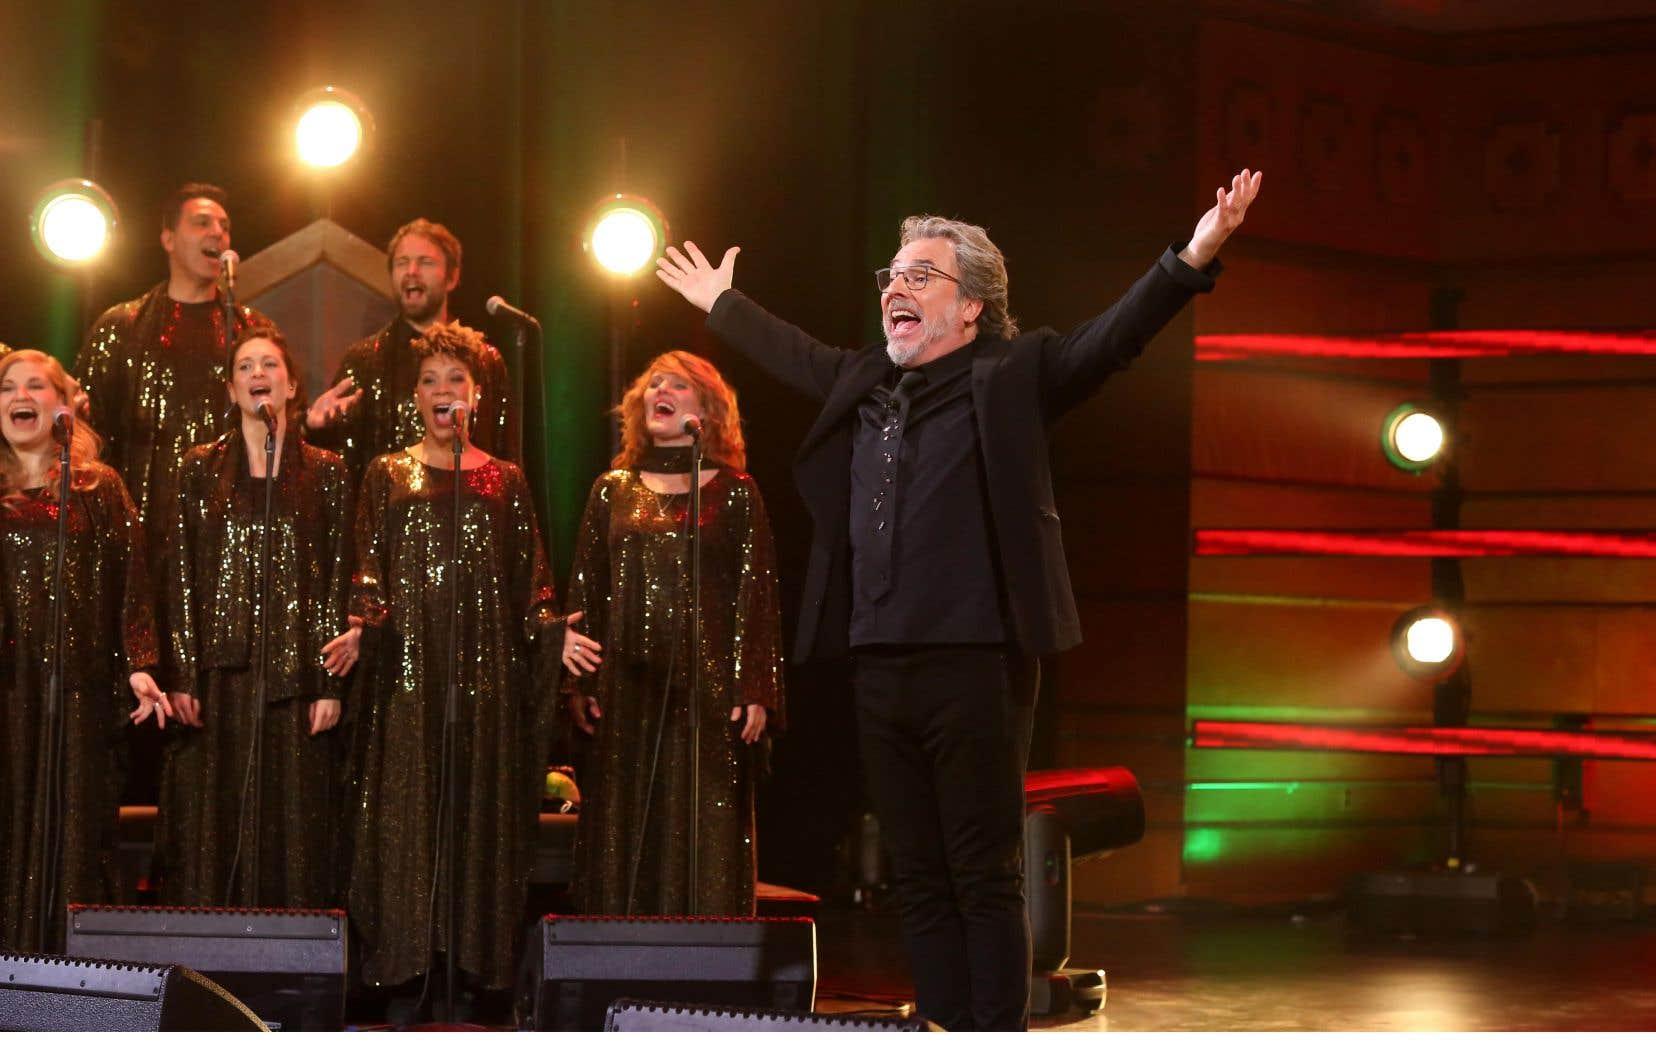 Télé-Québec prolonge la réunion gospel hebdomadaire «Y'a du monde à messe»de Christian Bégin pour les saisons à venir.